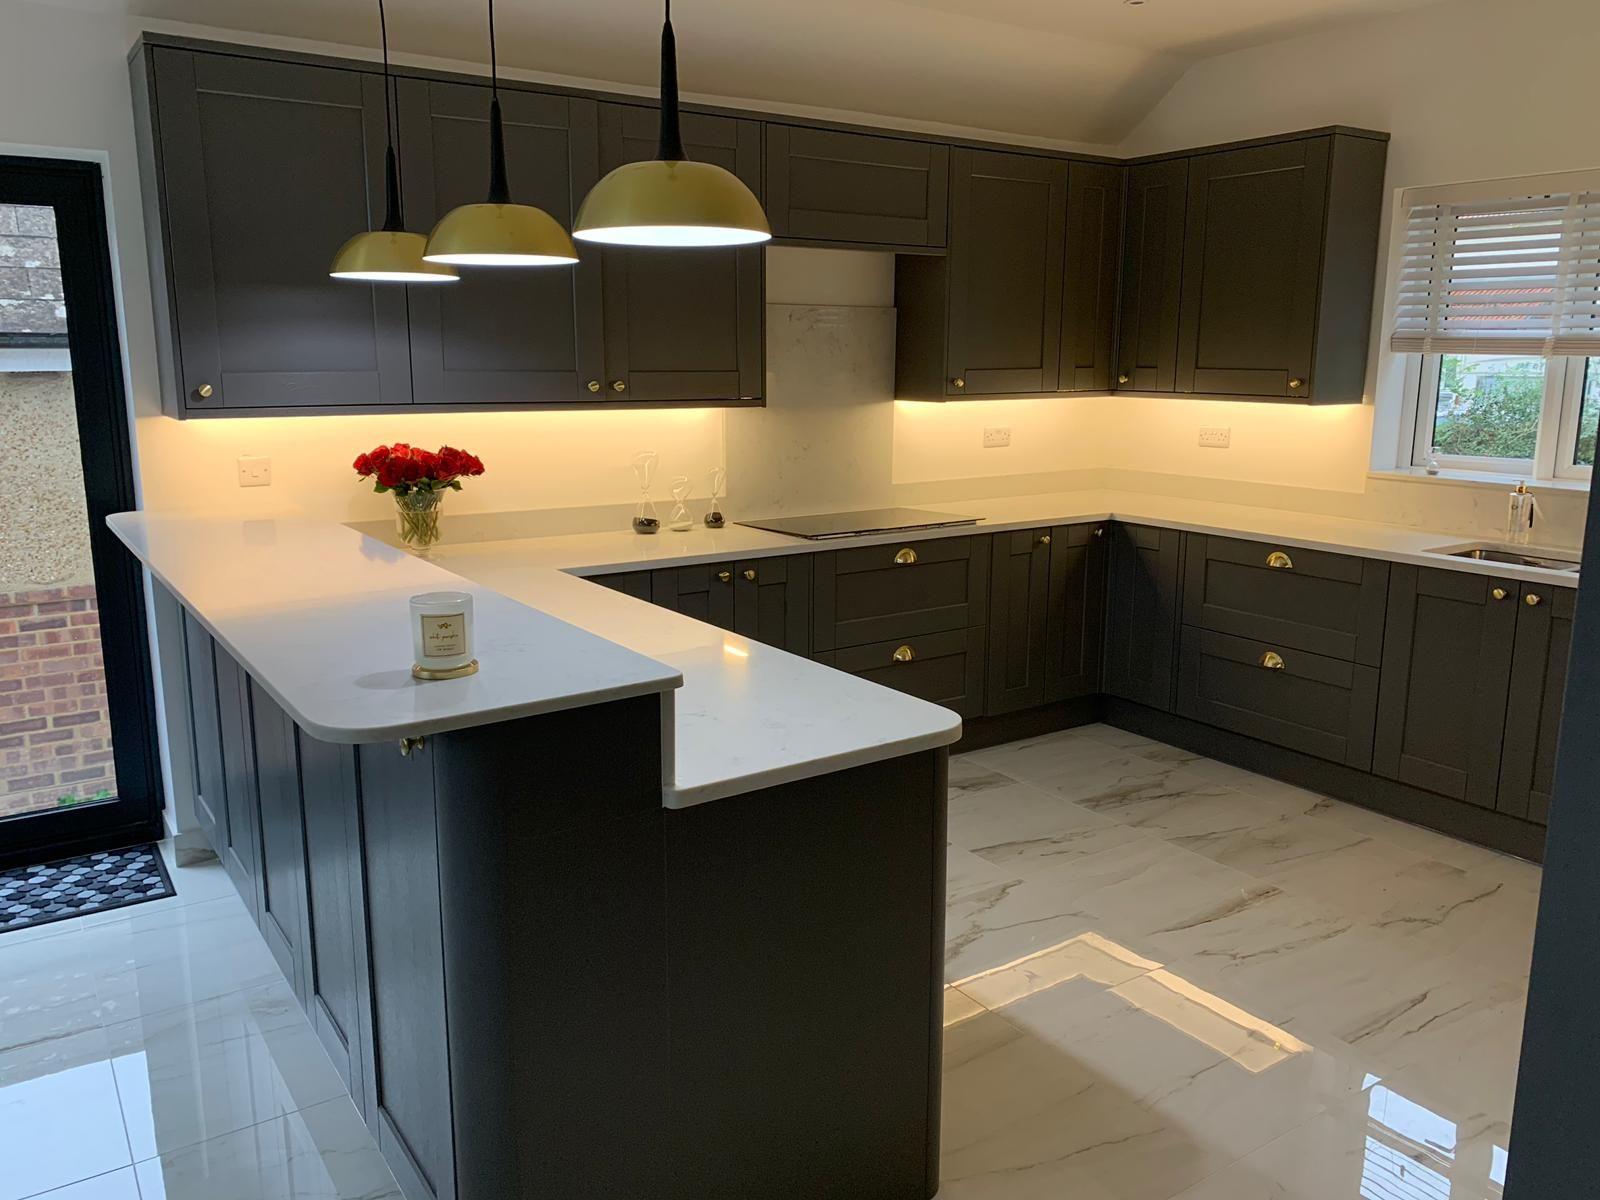 Carrara Quartz Worktops Quartz Worktops Carrara Quartz Home Kitchens